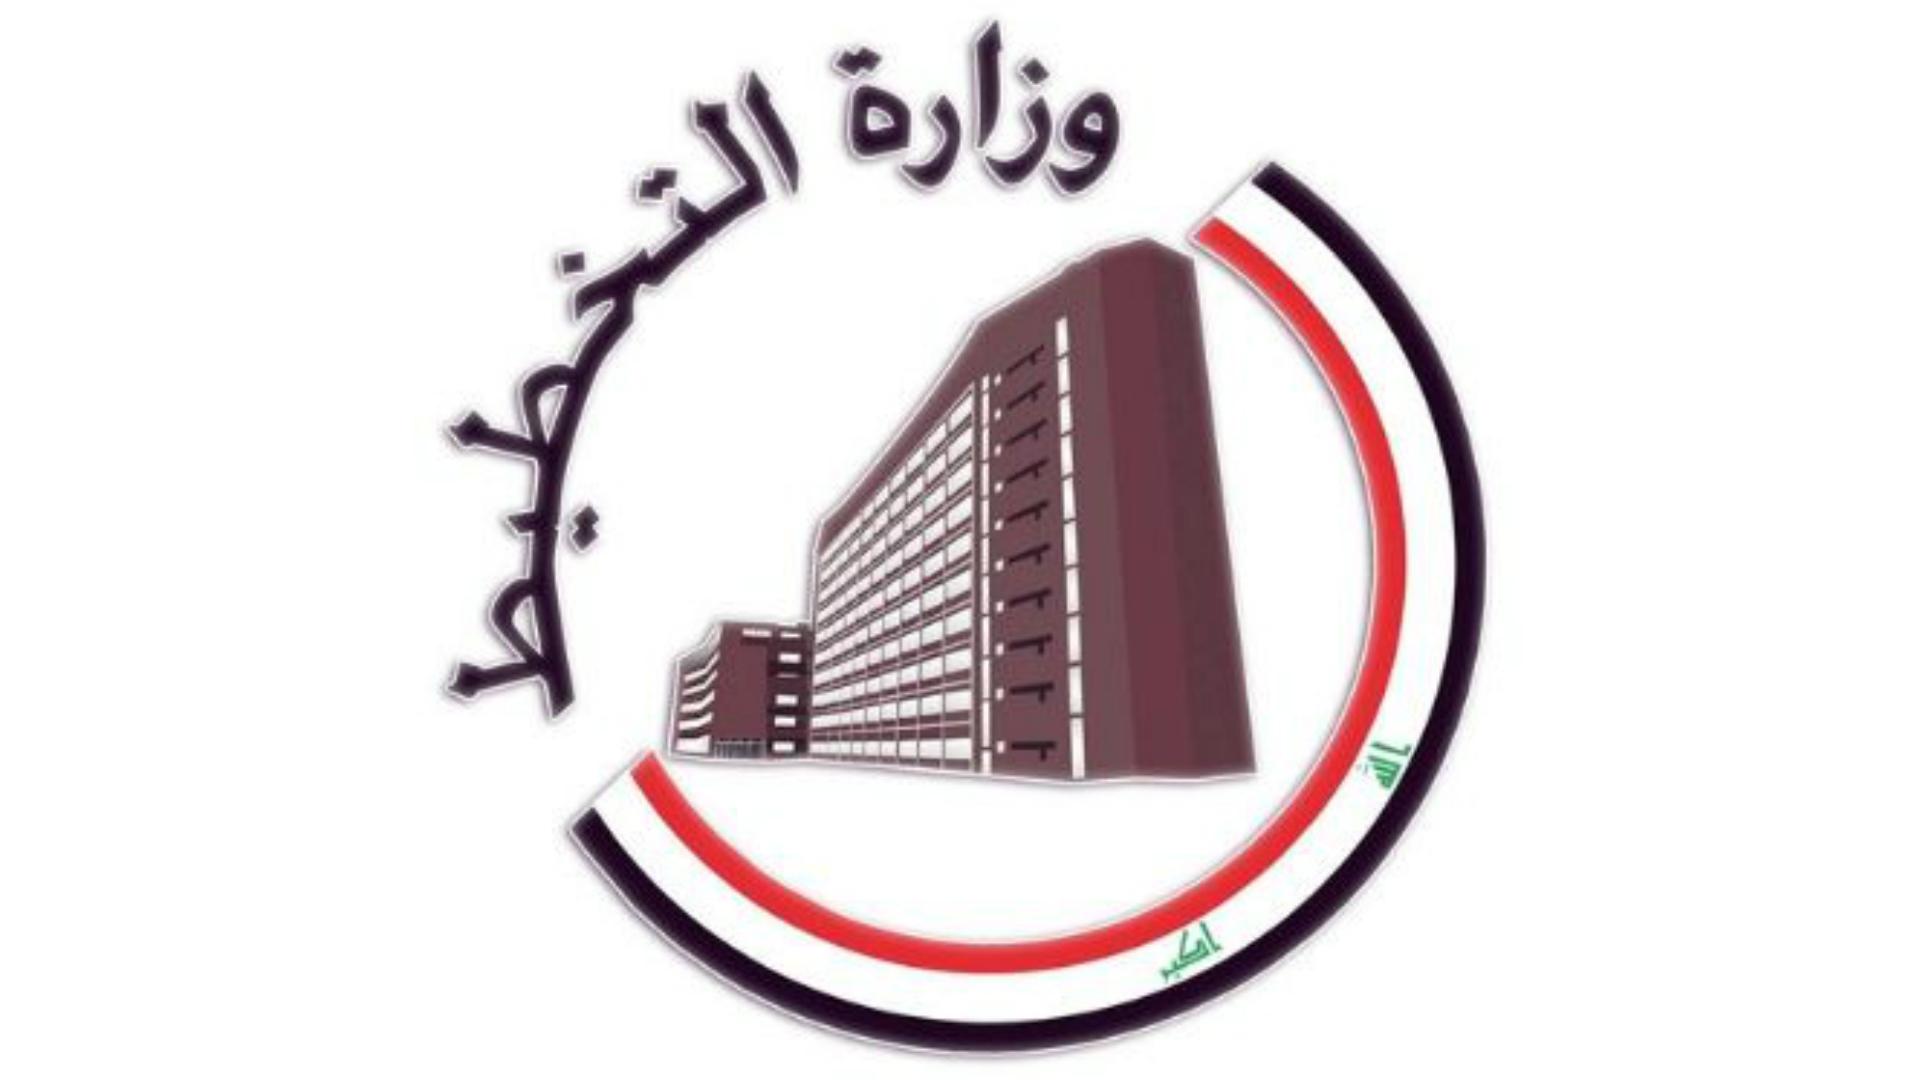 وزارة التخطيط تخصص نحو 3 تريليون دينار لبرنامج تنمية الأقاليم